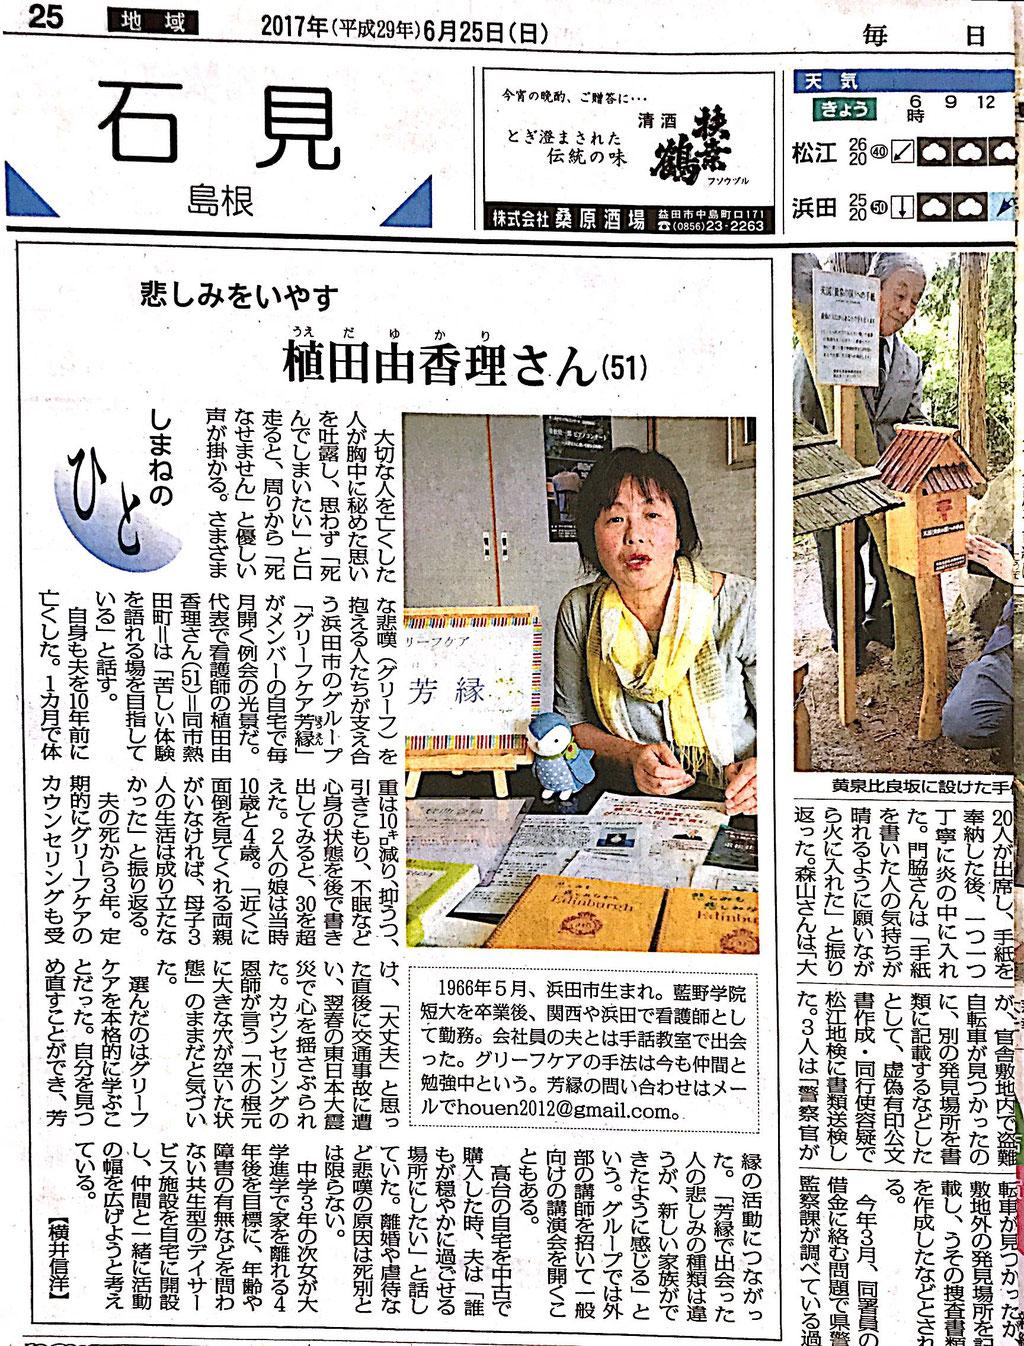 毎日新聞 2017年6月25日(日)